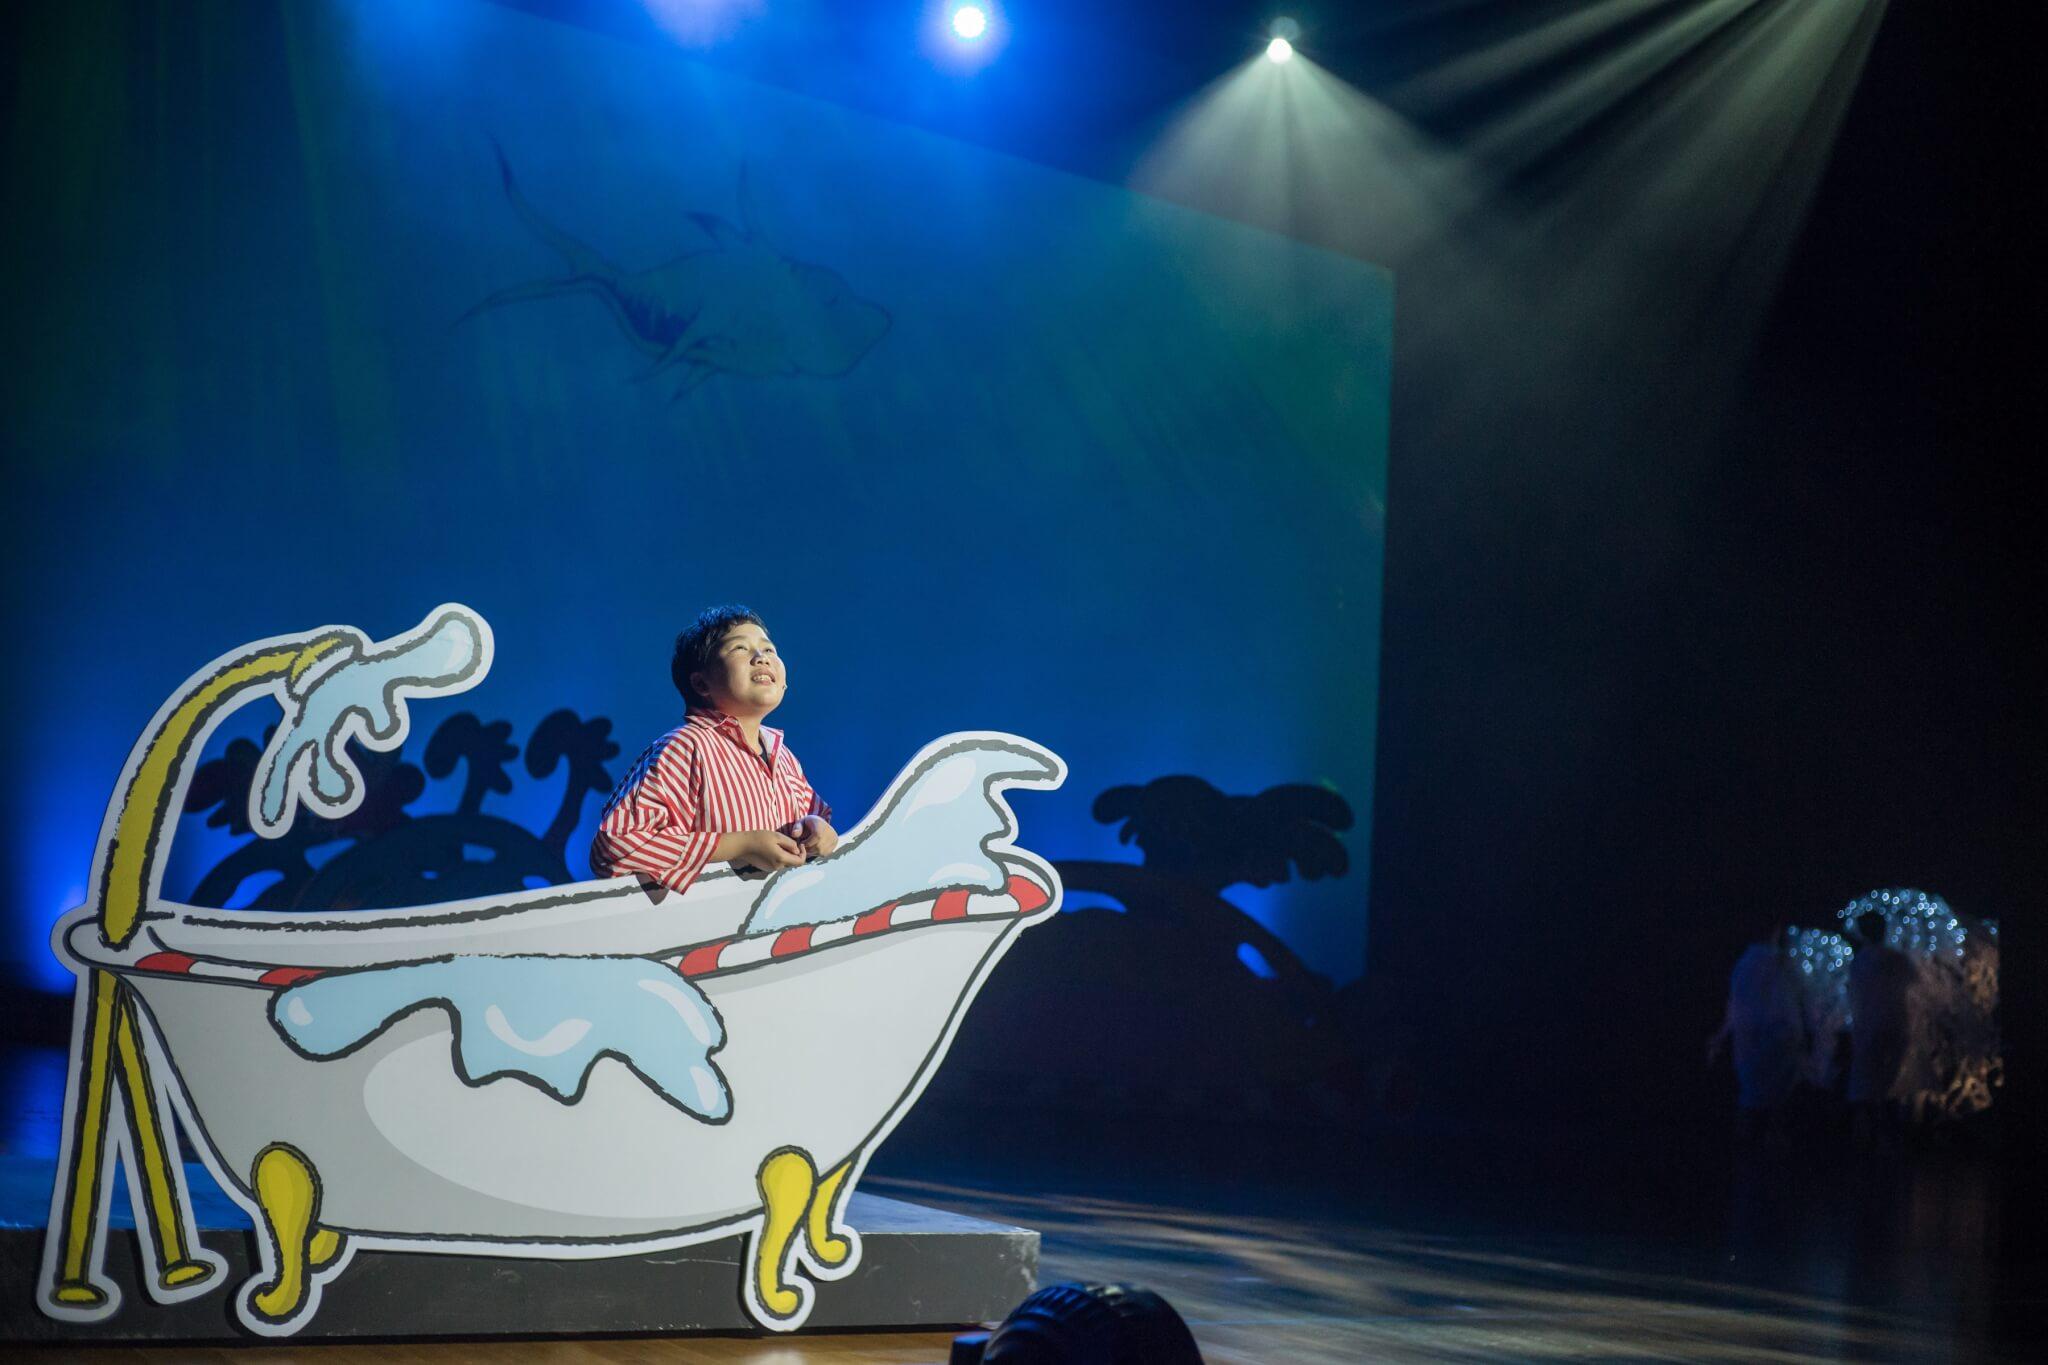 《蘇斯狂想曲》是一齣合家歡音樂劇,故事講述大象霍頓的冒險旅程,所以何冠儀也刻意安排多個色彩繽紛的佈景。